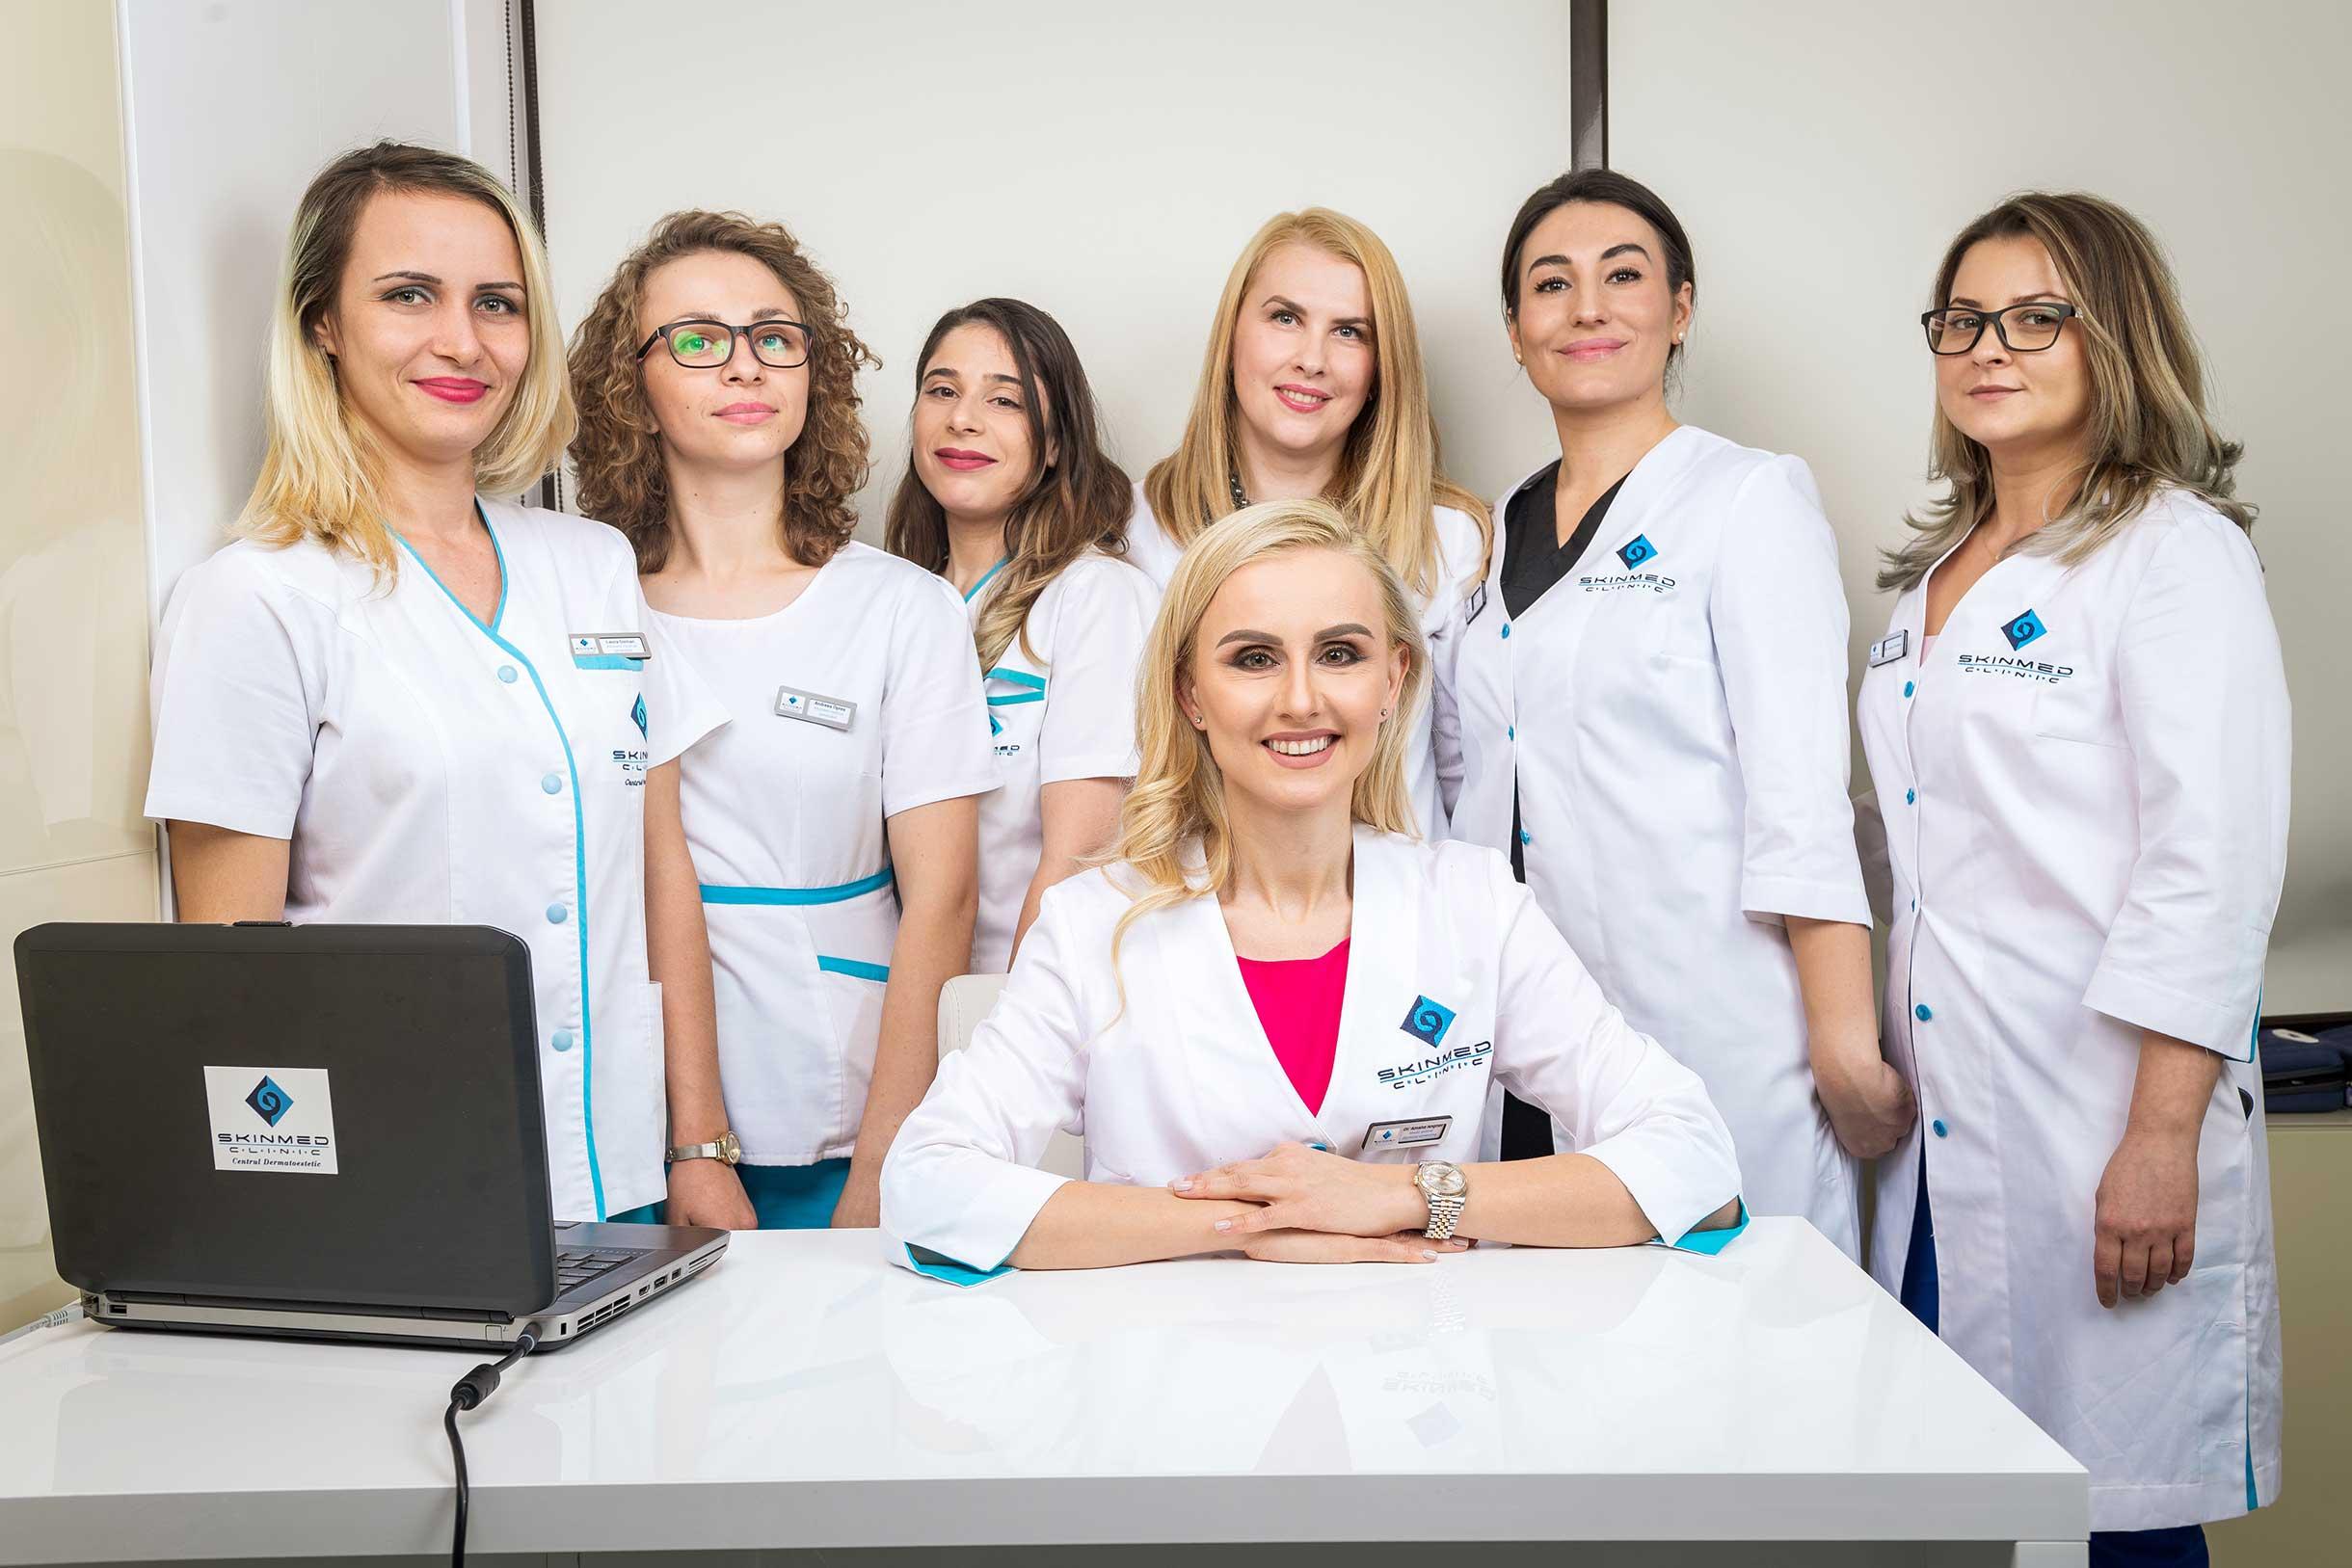 centrul medical de viziune)